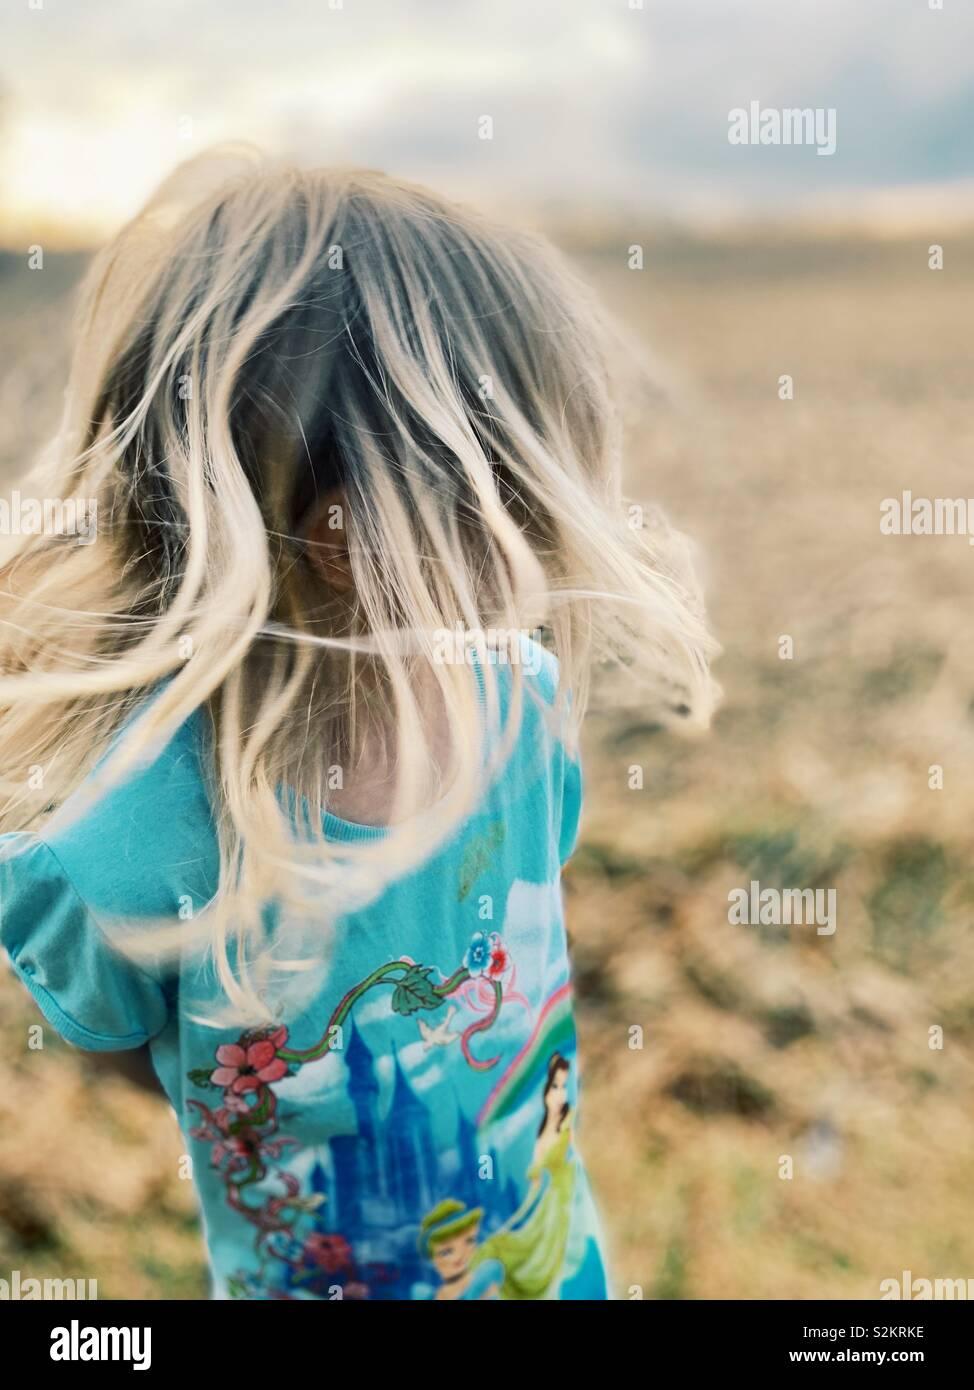 Fille aux cheveux blonds dans un champ. Banque D'Images